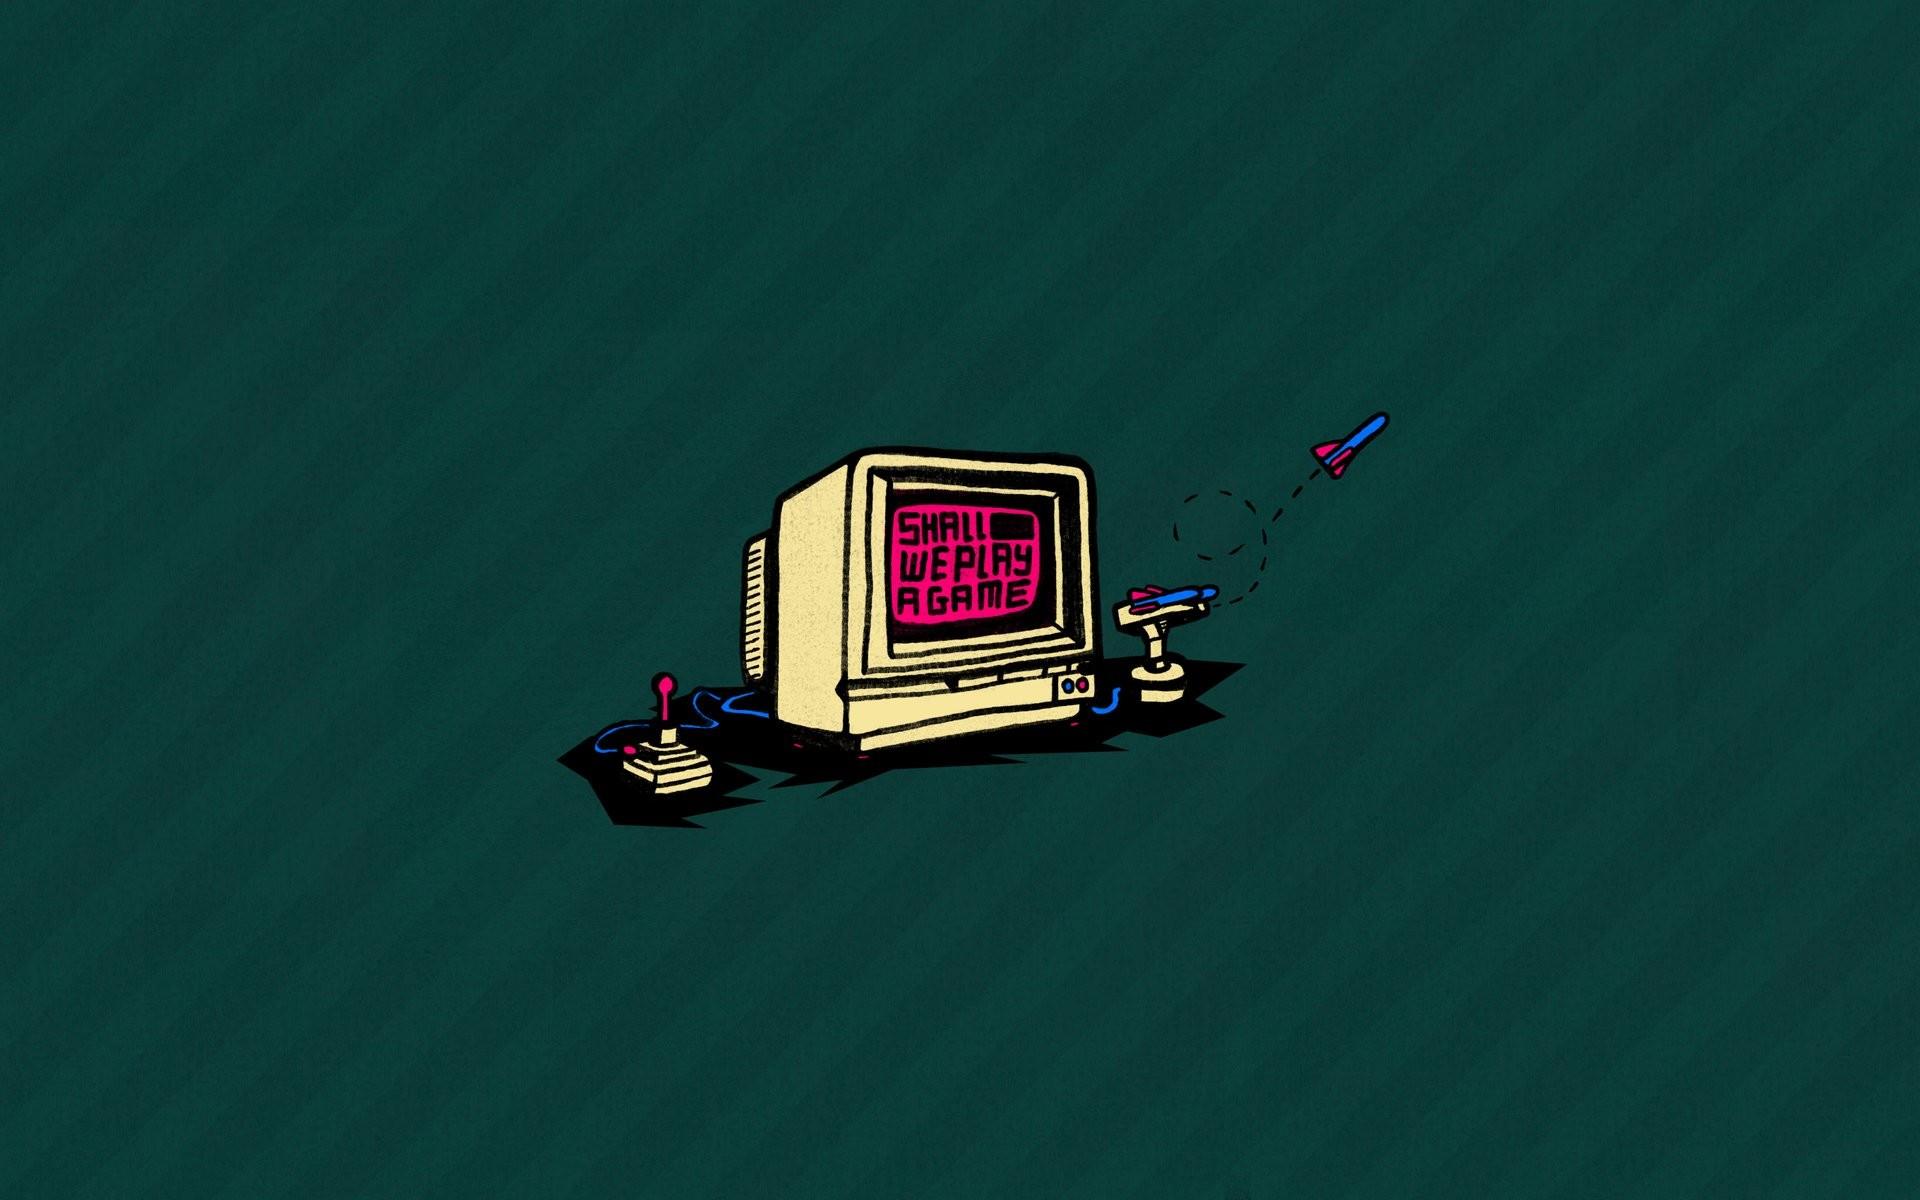 retro video game wallpaper 21513 1920x1200